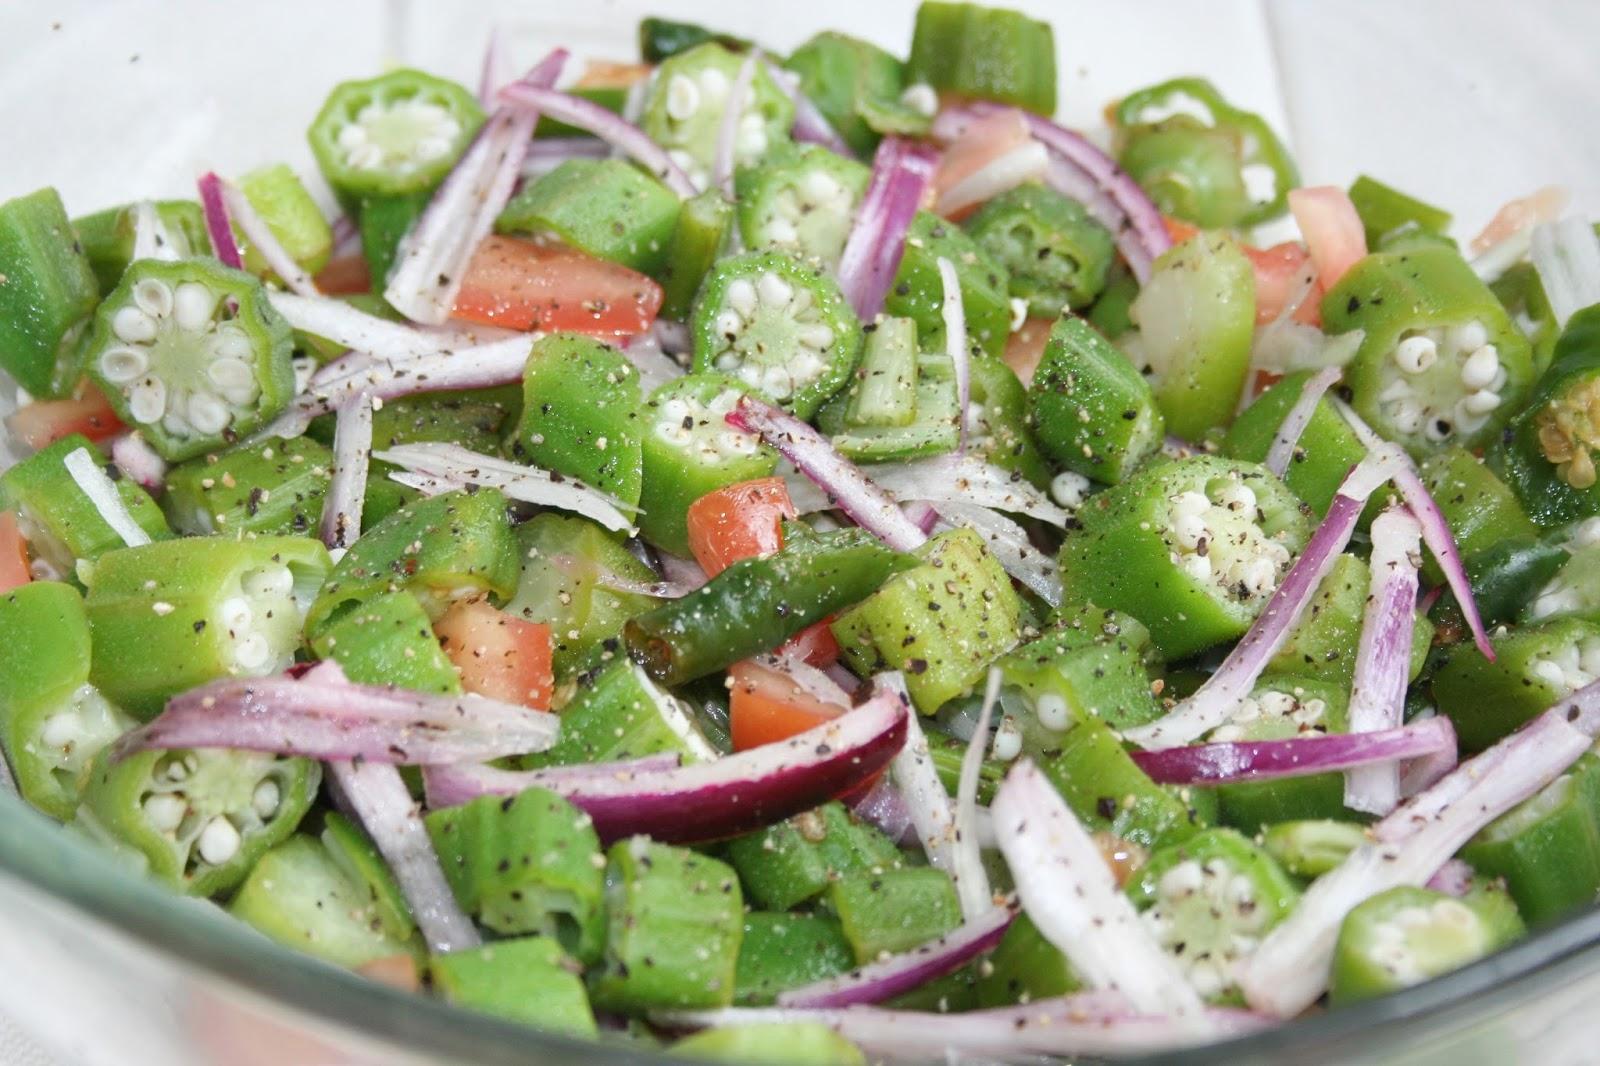 Aasai rasai sri lankan recipes sri lankan okra salad bandakka sri lankan okra salad bandakkaladies fingers veganvegetarian an easy sri lankan forumfinder Images